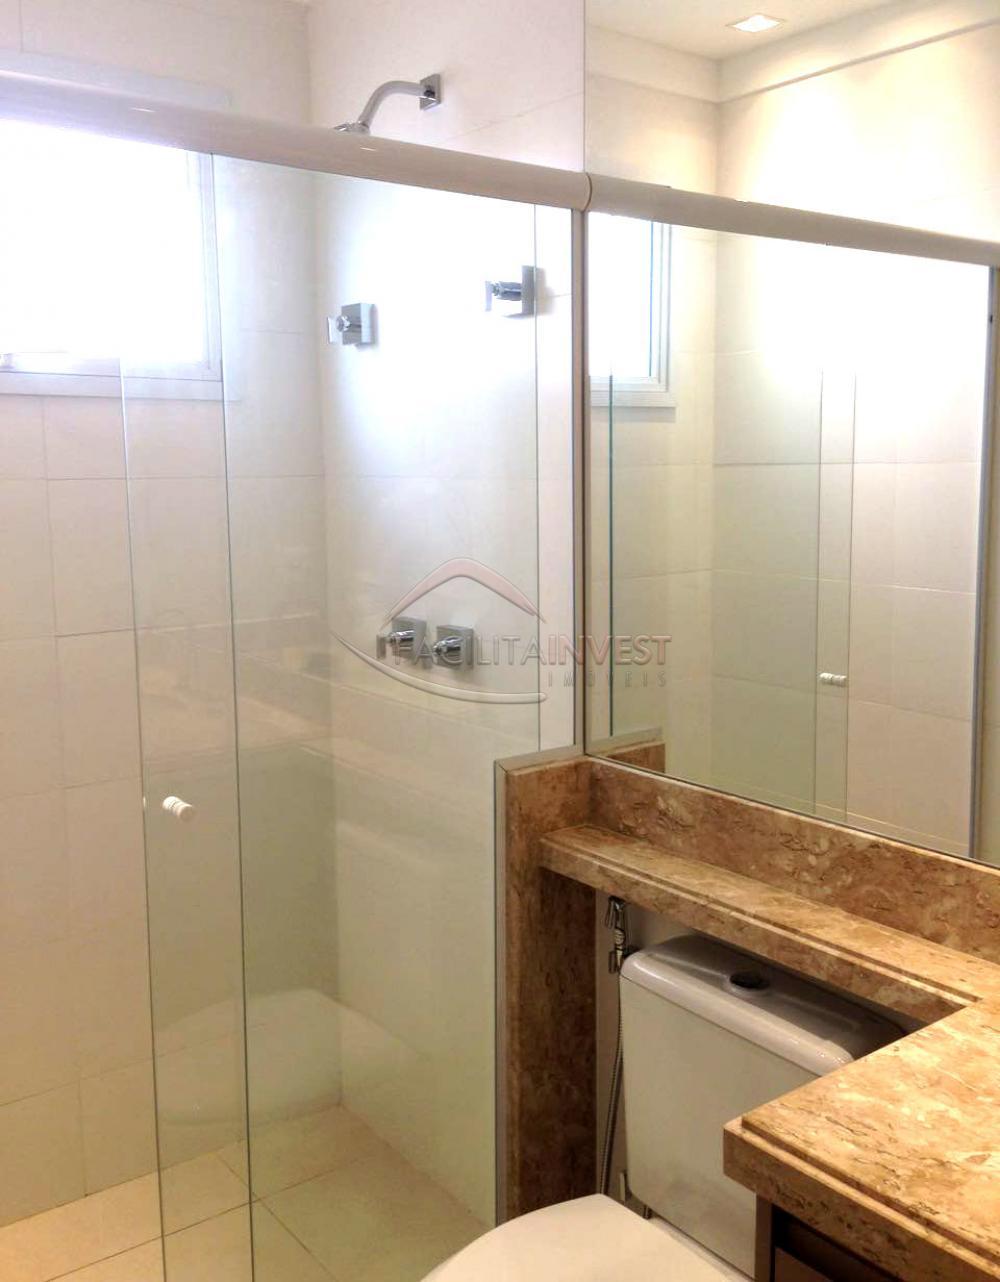 Comprar Lançamentos/ Empreendimentos em Construç / Apartamento padrão - Lançamento em Ribeirão Preto apenas R$ 958.391,00 - Foto 8